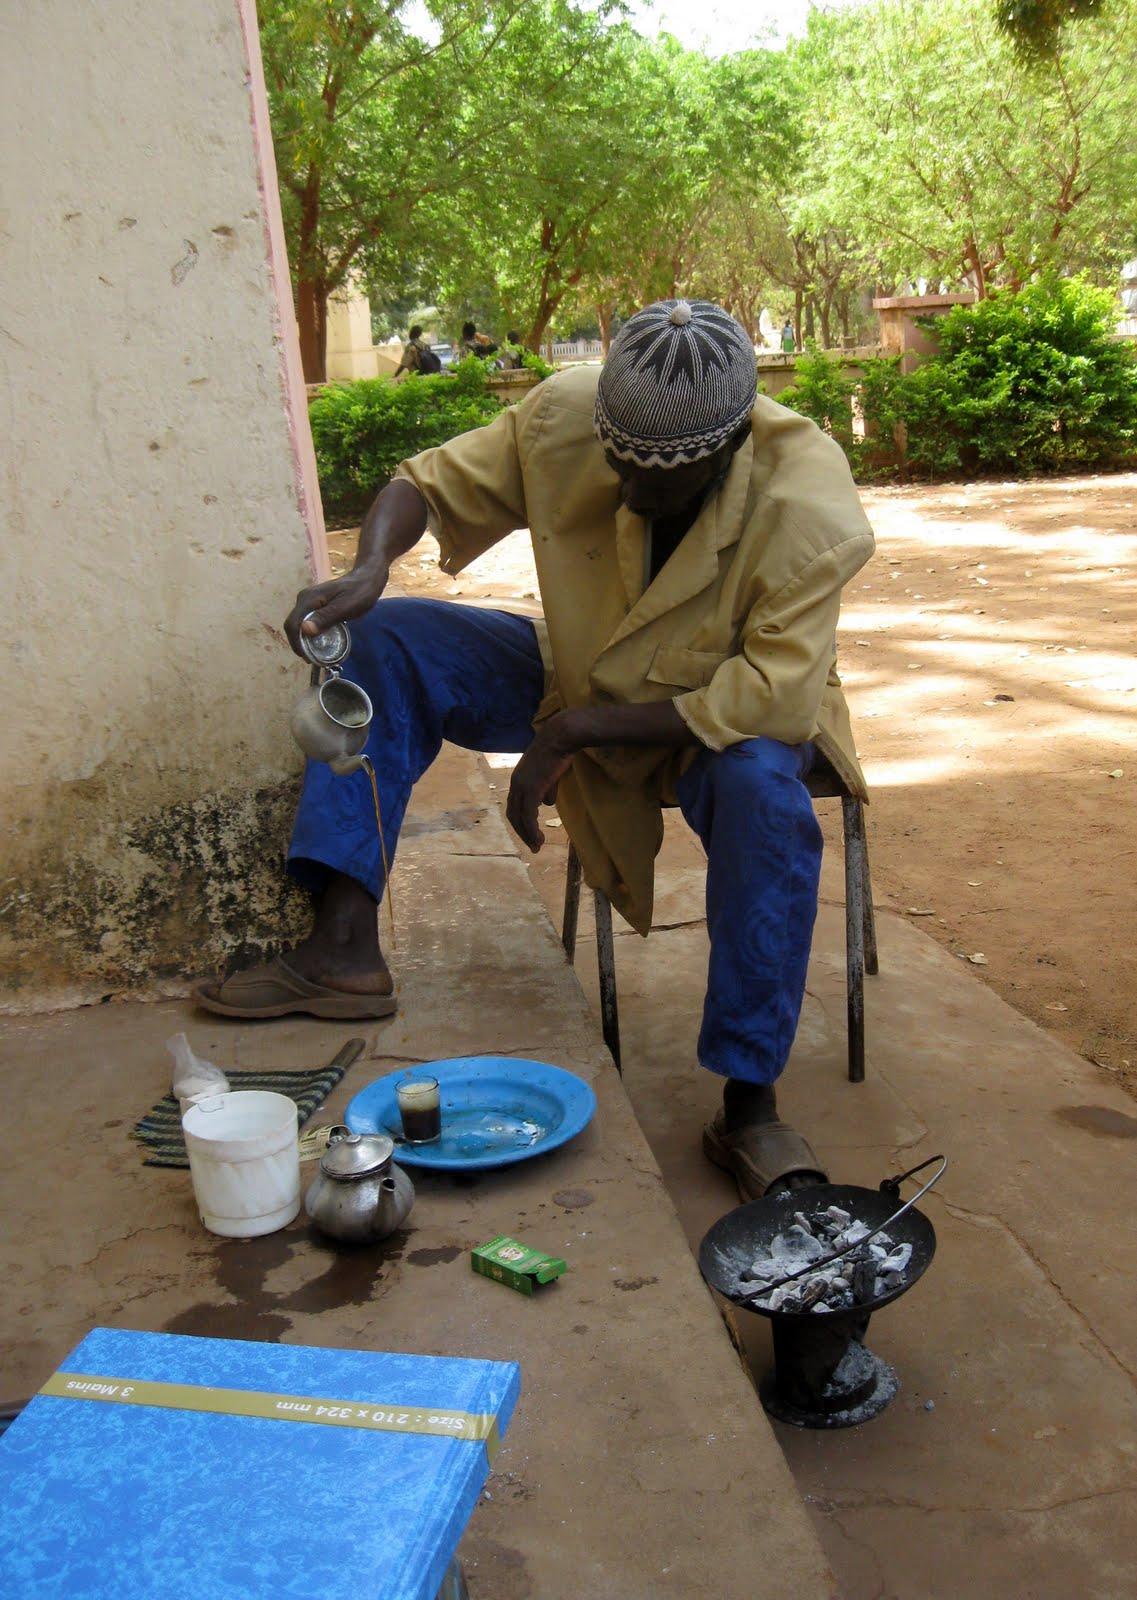 [Mairie+gardener+making+3-sips+tea.JPG]